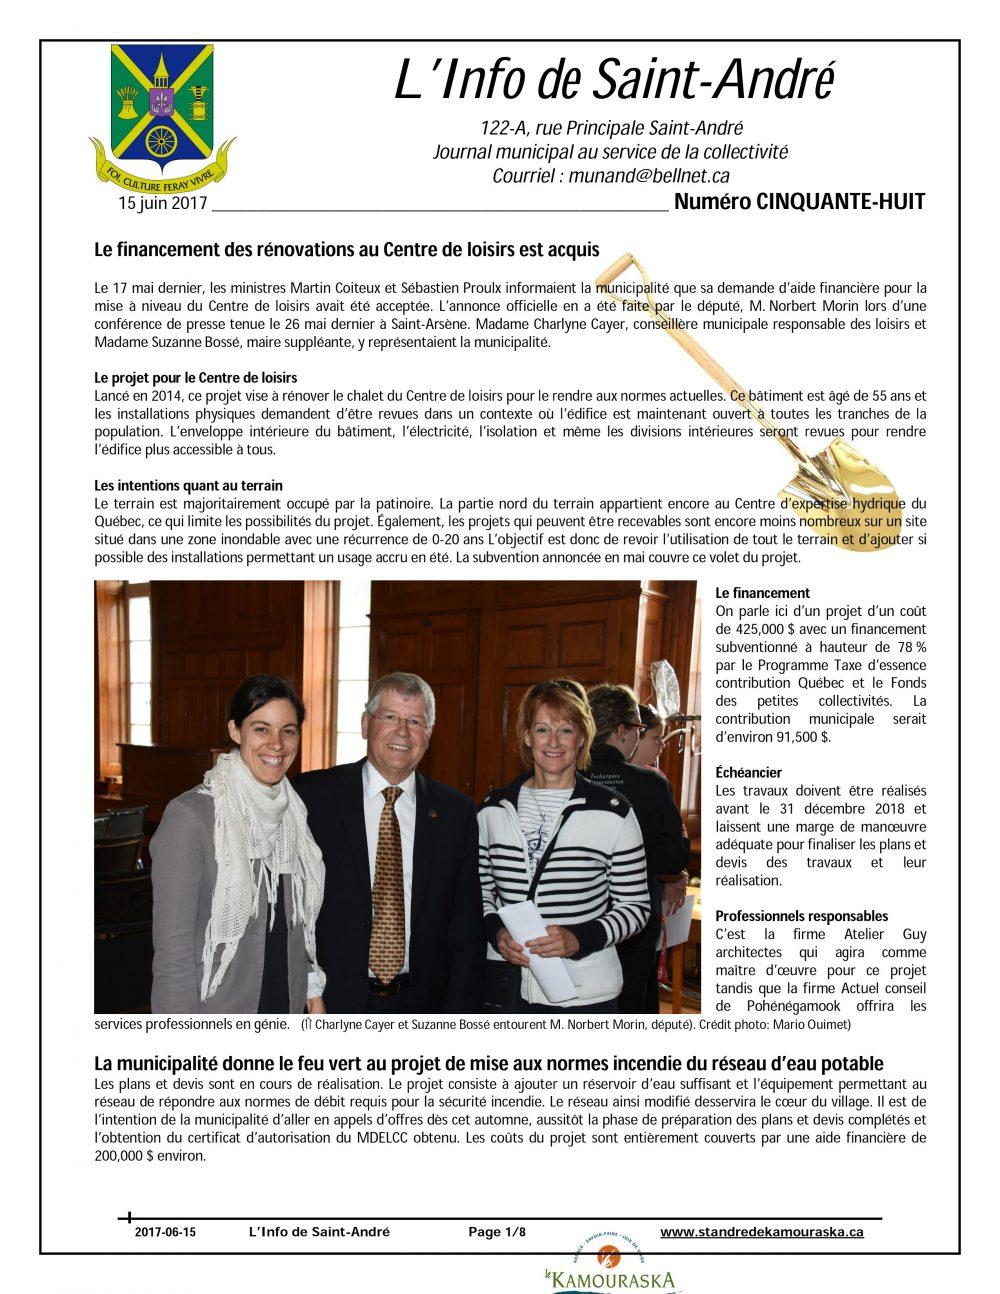 L'Info de St-André juin 2017